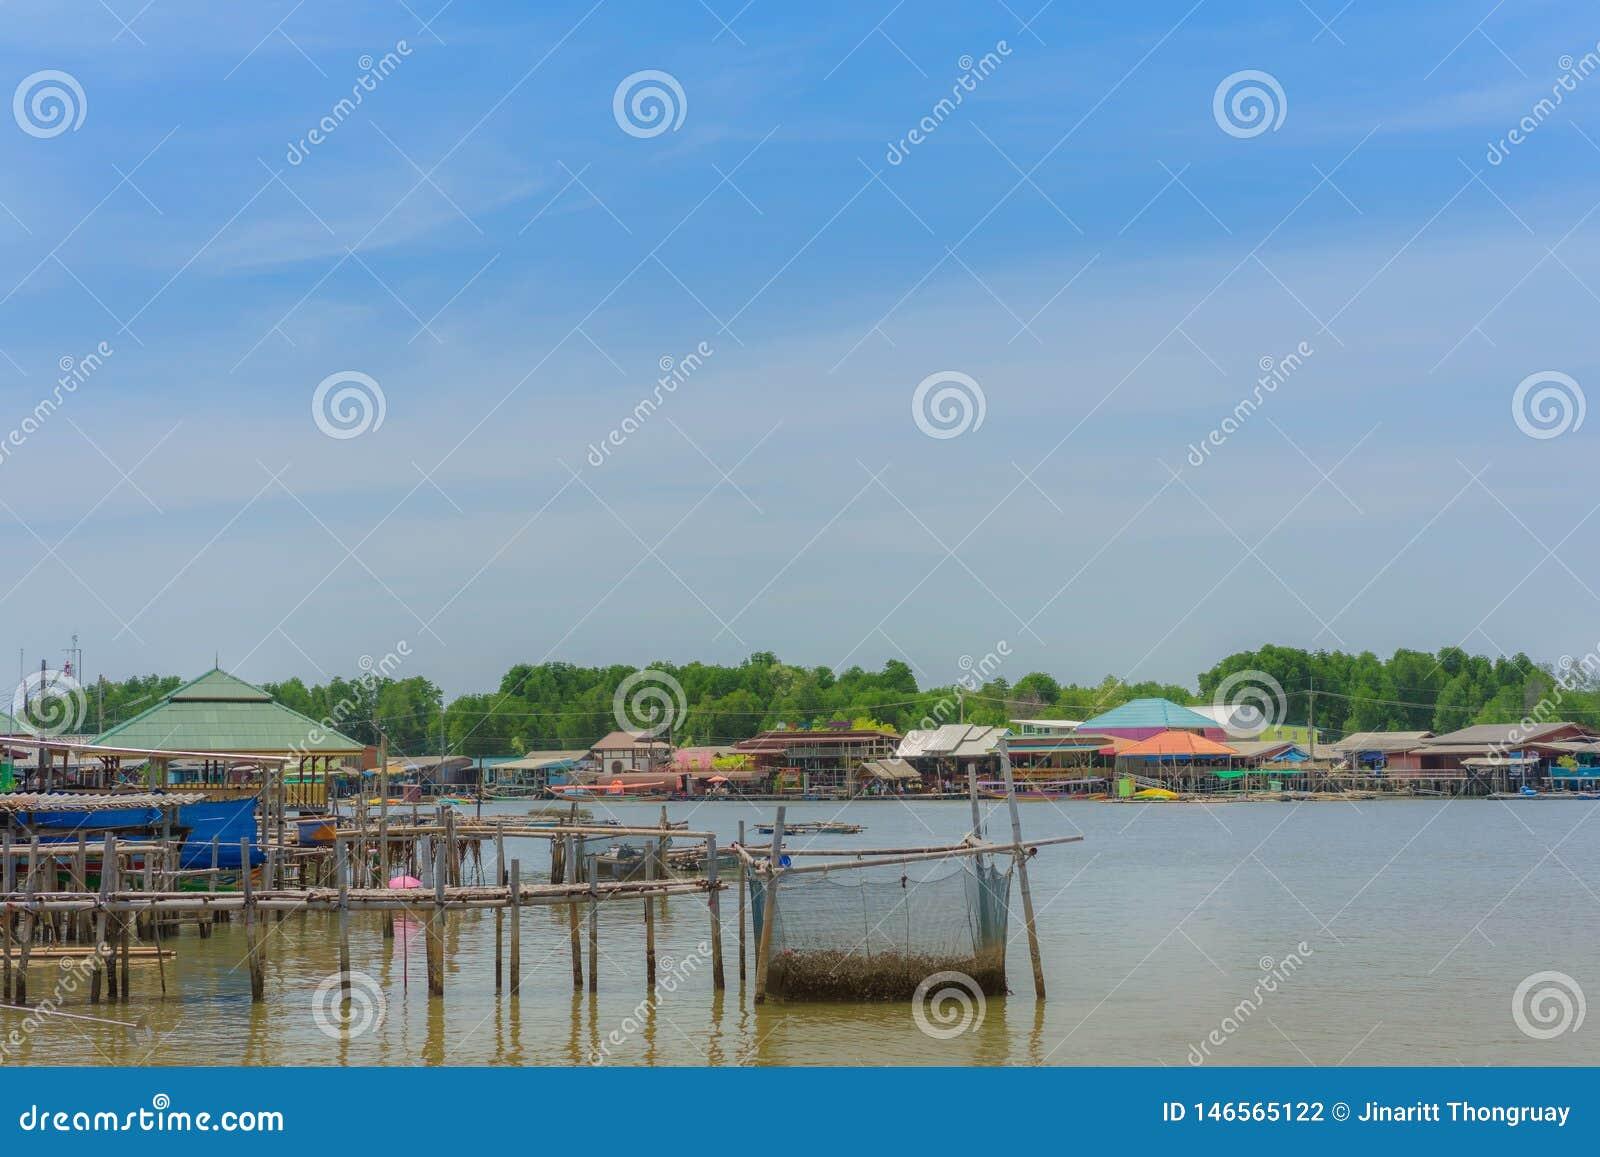 CHANTHABURI, TAJLANDIA: KWIECIE? 15, 2019 sceneria wioska rybacka ziemi wioska na Kwietniu 15,2019 przy uderzeniem Chan, Khlung,